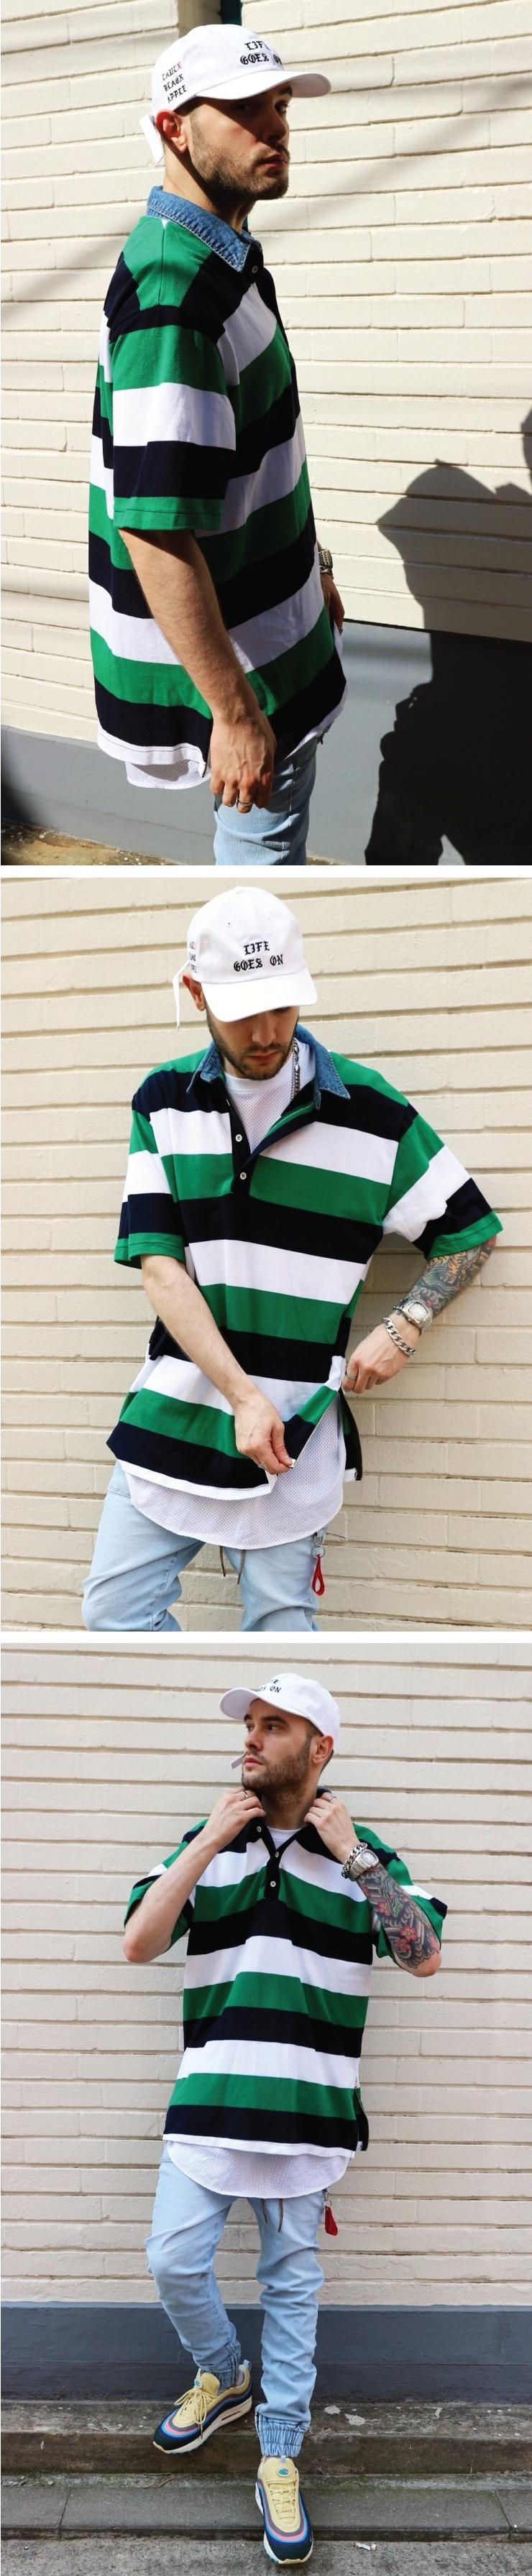 (단독가)라울 LAUL DENIM COLLAR PIQUE SHIRTS GREEN 라울 데님카라 피케셔츠 스트라이프 그린